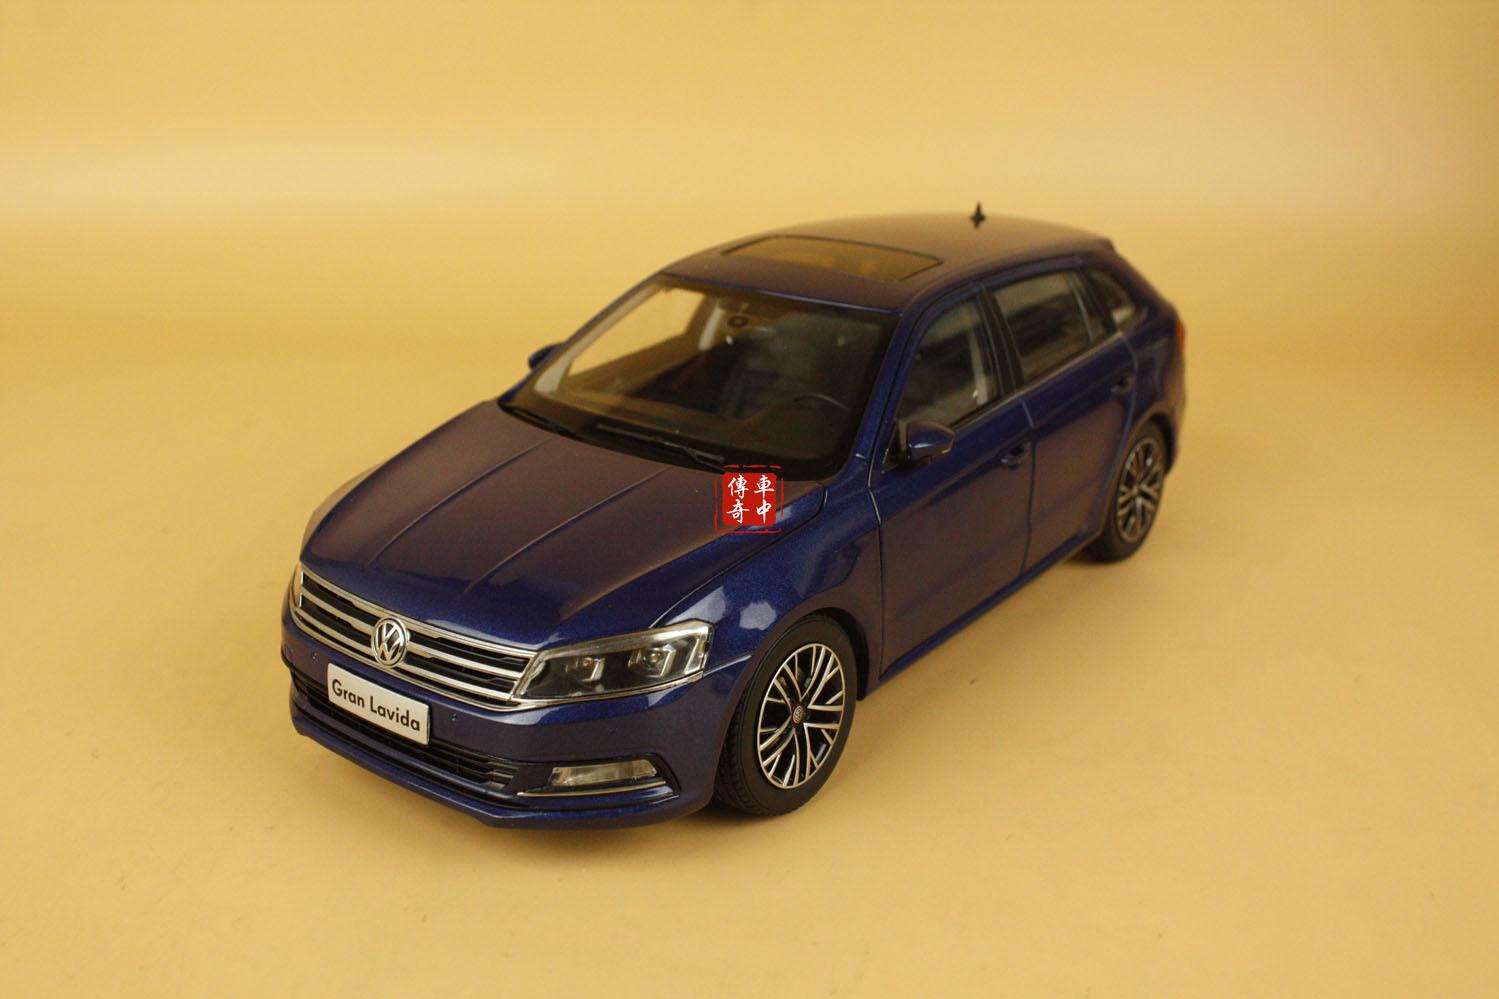 1 18 2015 Volkswagen new Gran Lavida diecast Model blu Coloreee